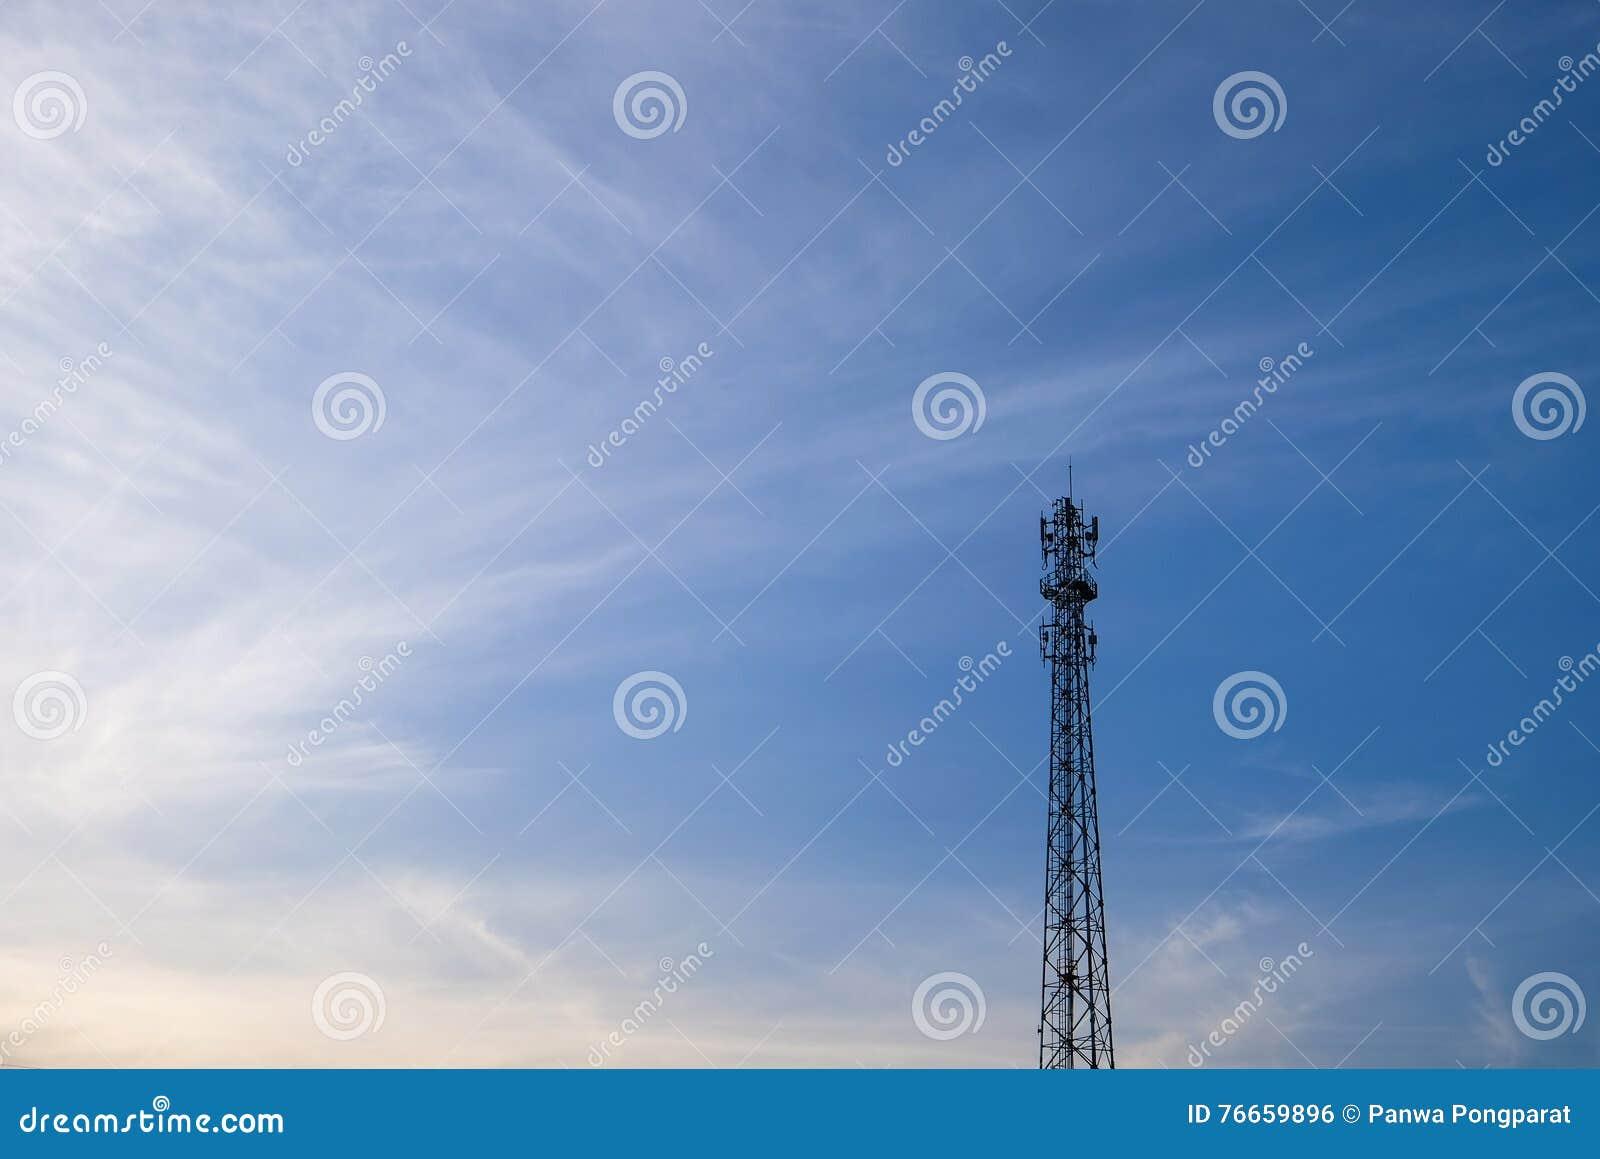 Posts de la electricidad con el cielo azul en la mañana